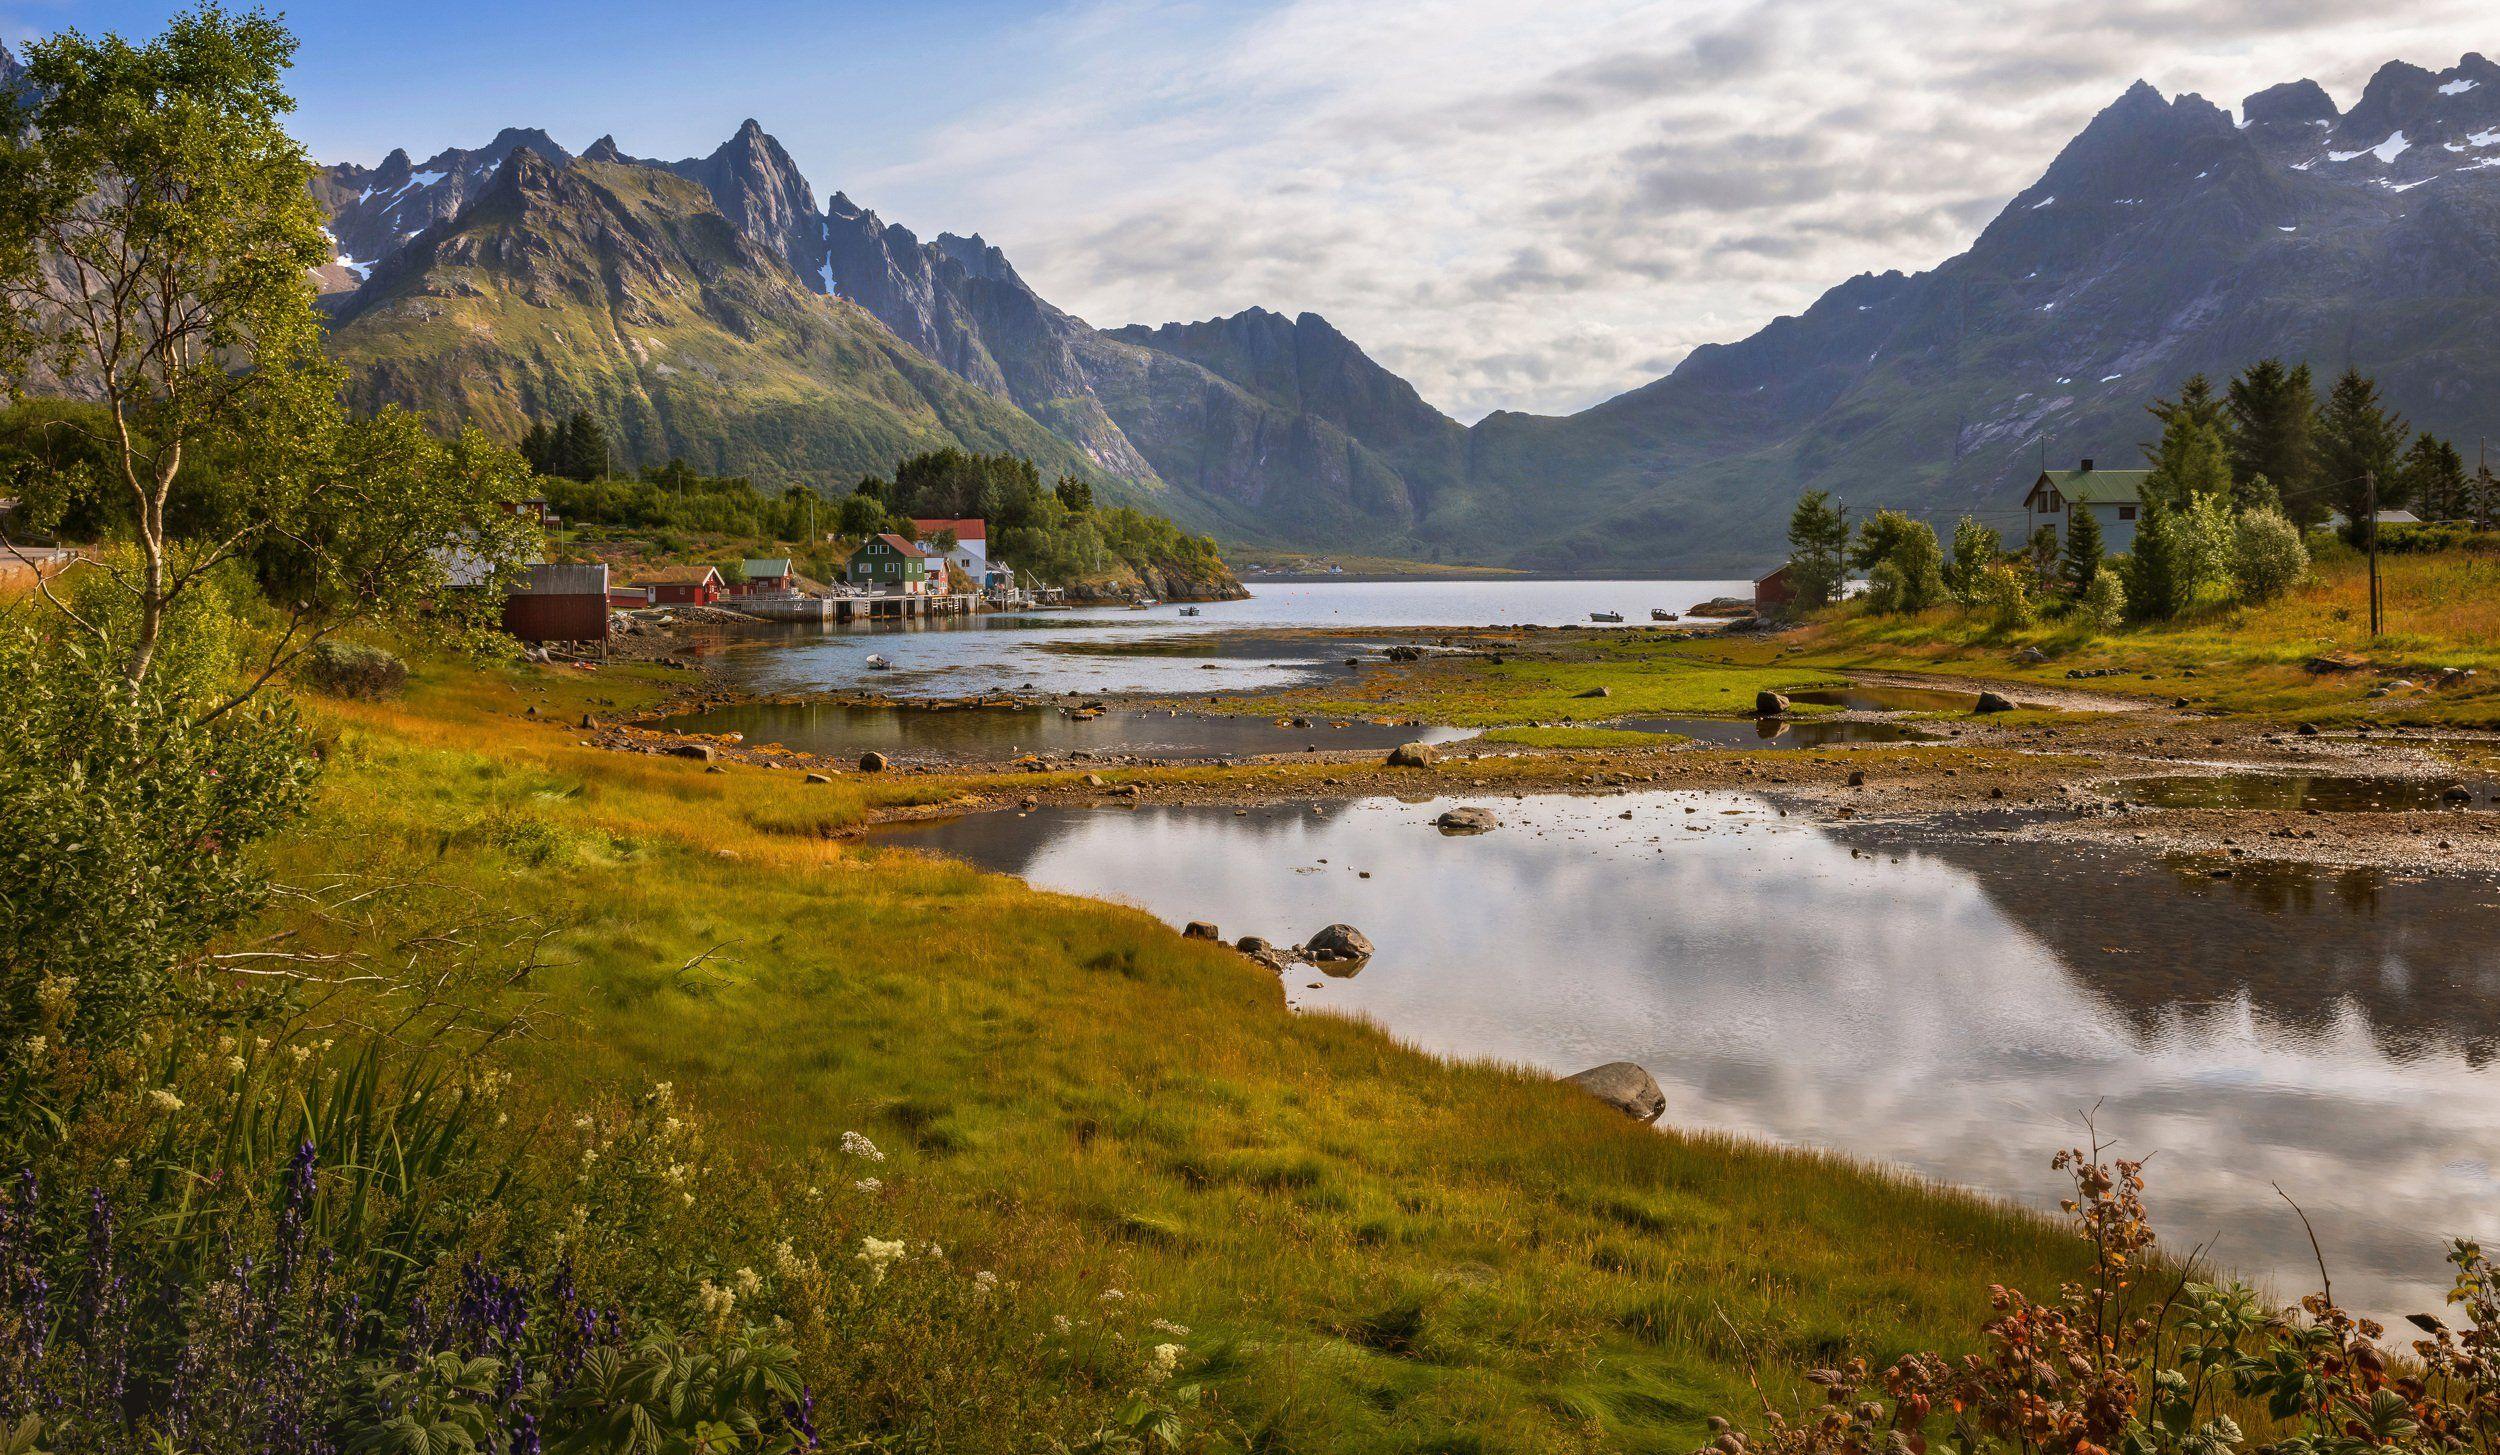 норвегия, лофотены, озеро, домики, горы, лодки, камни, трава, Марат Макс.